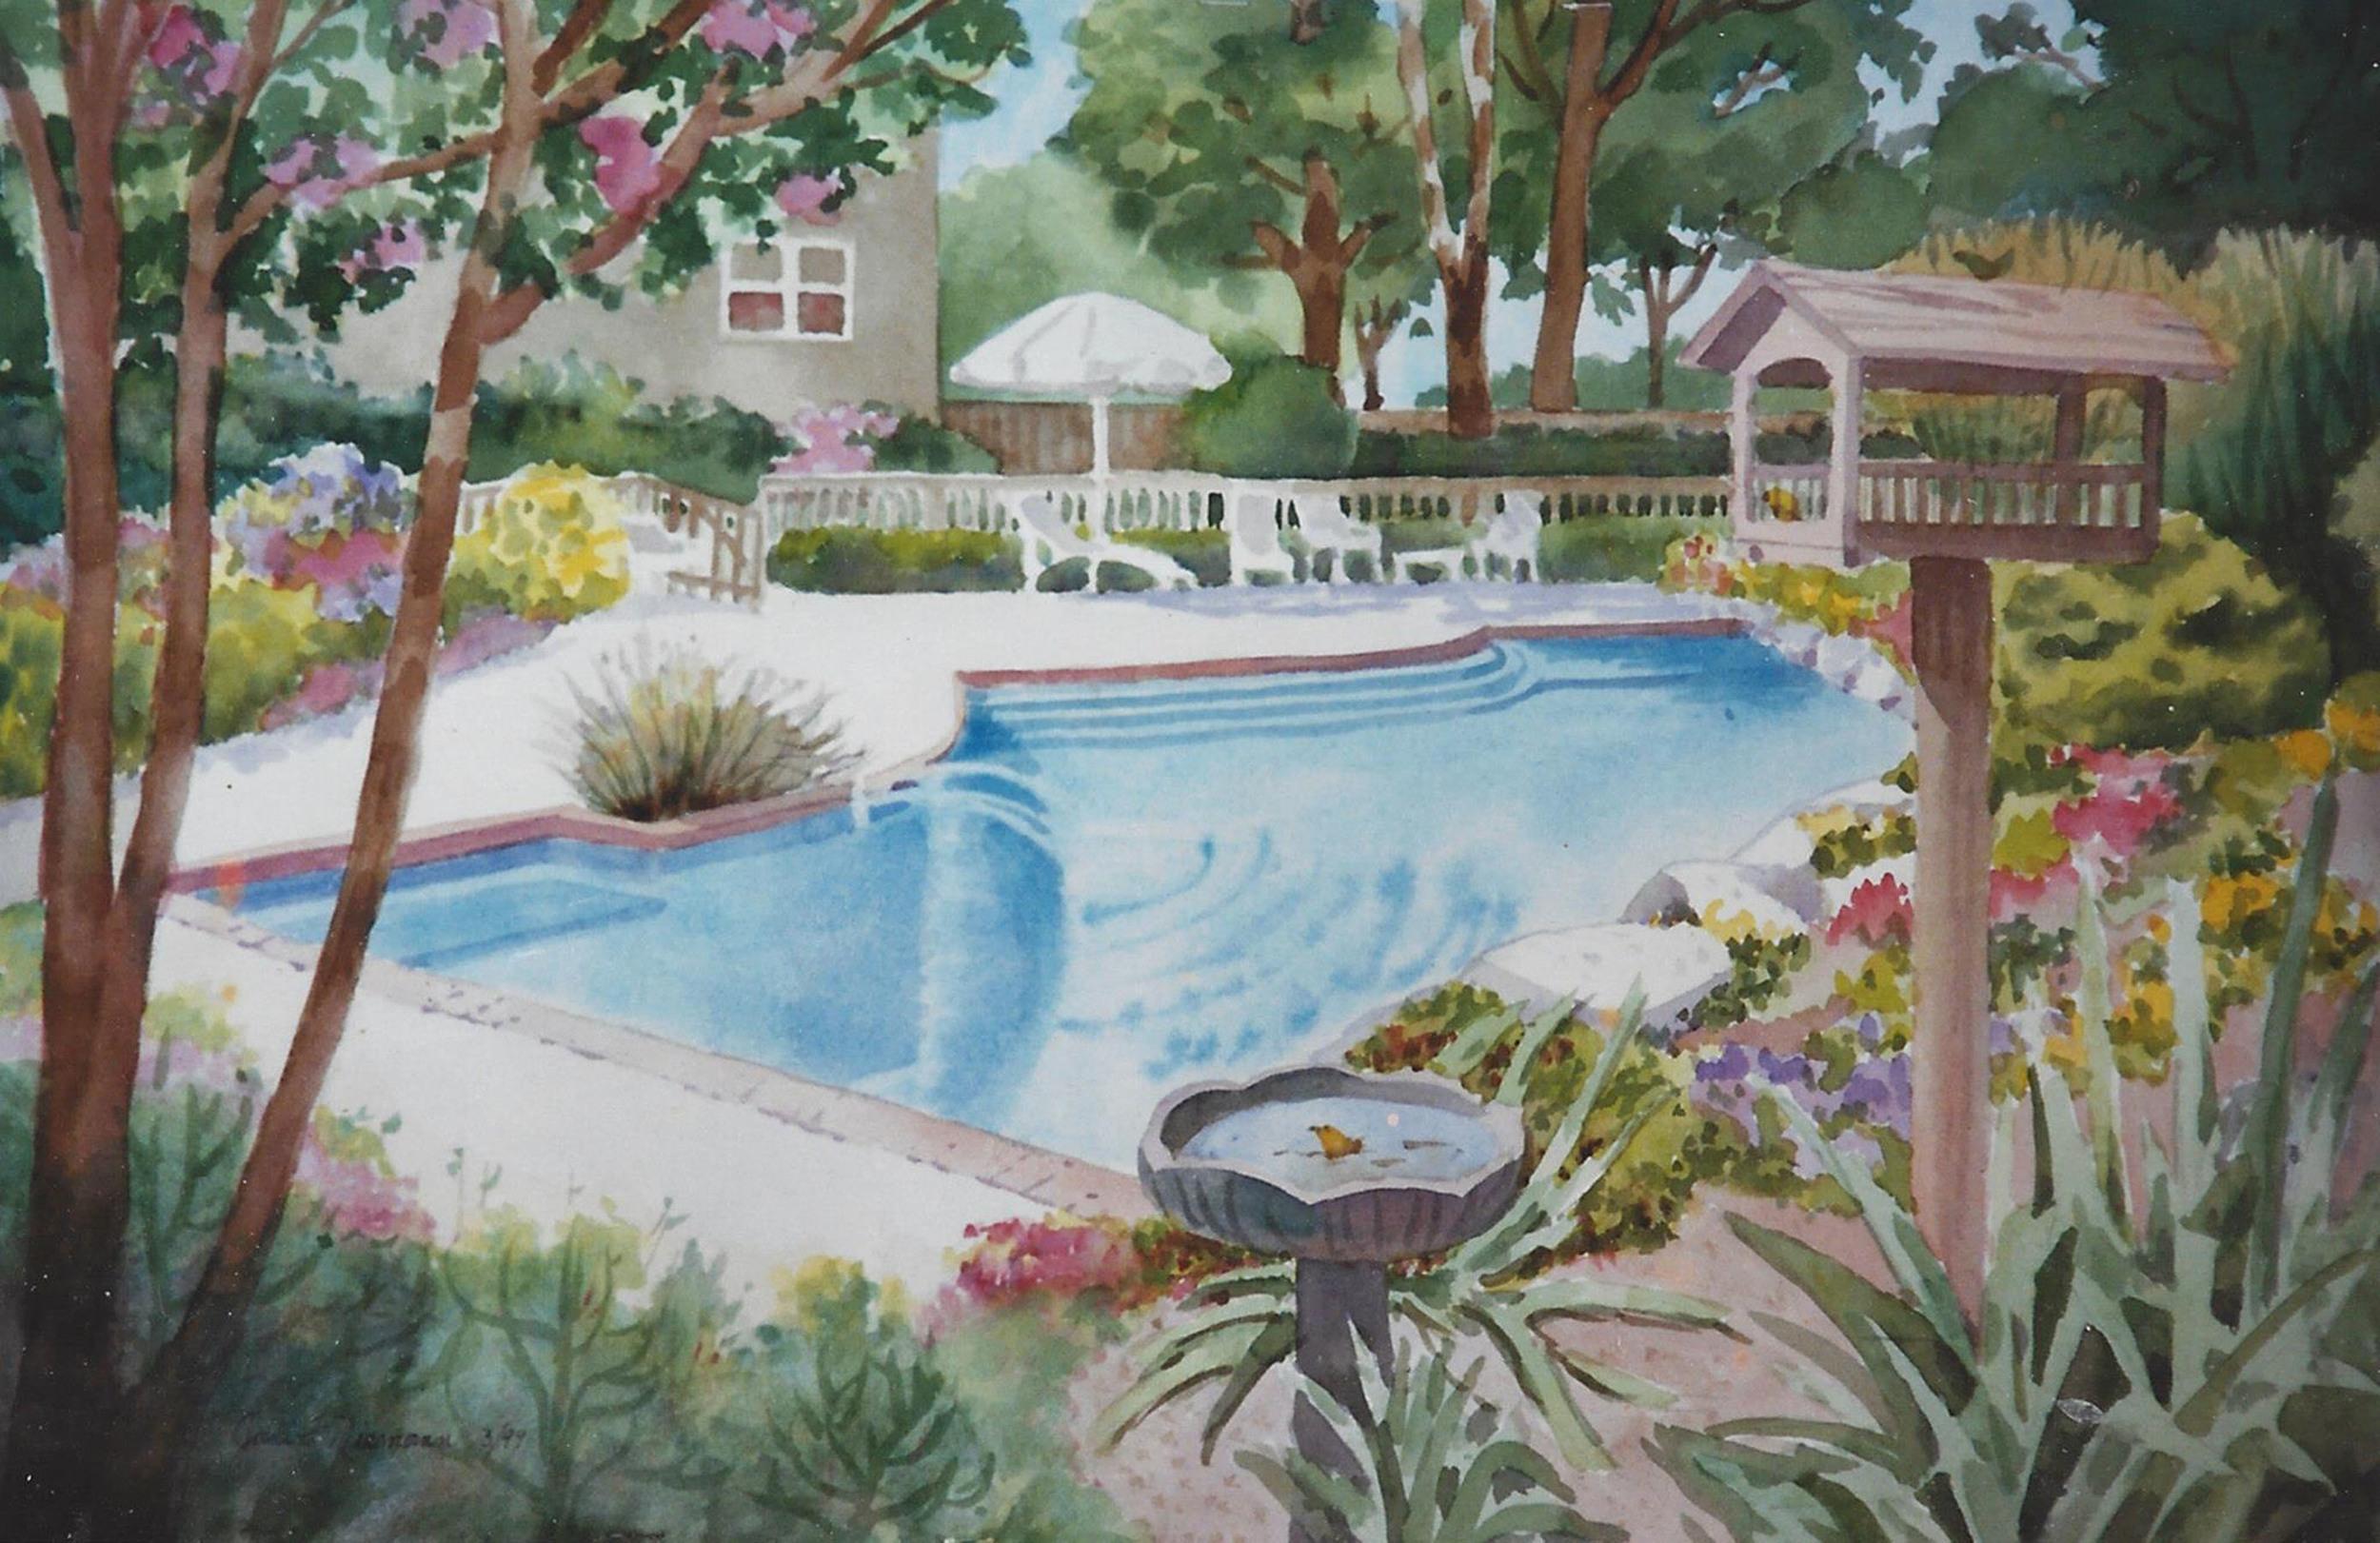 Elliotts' pool